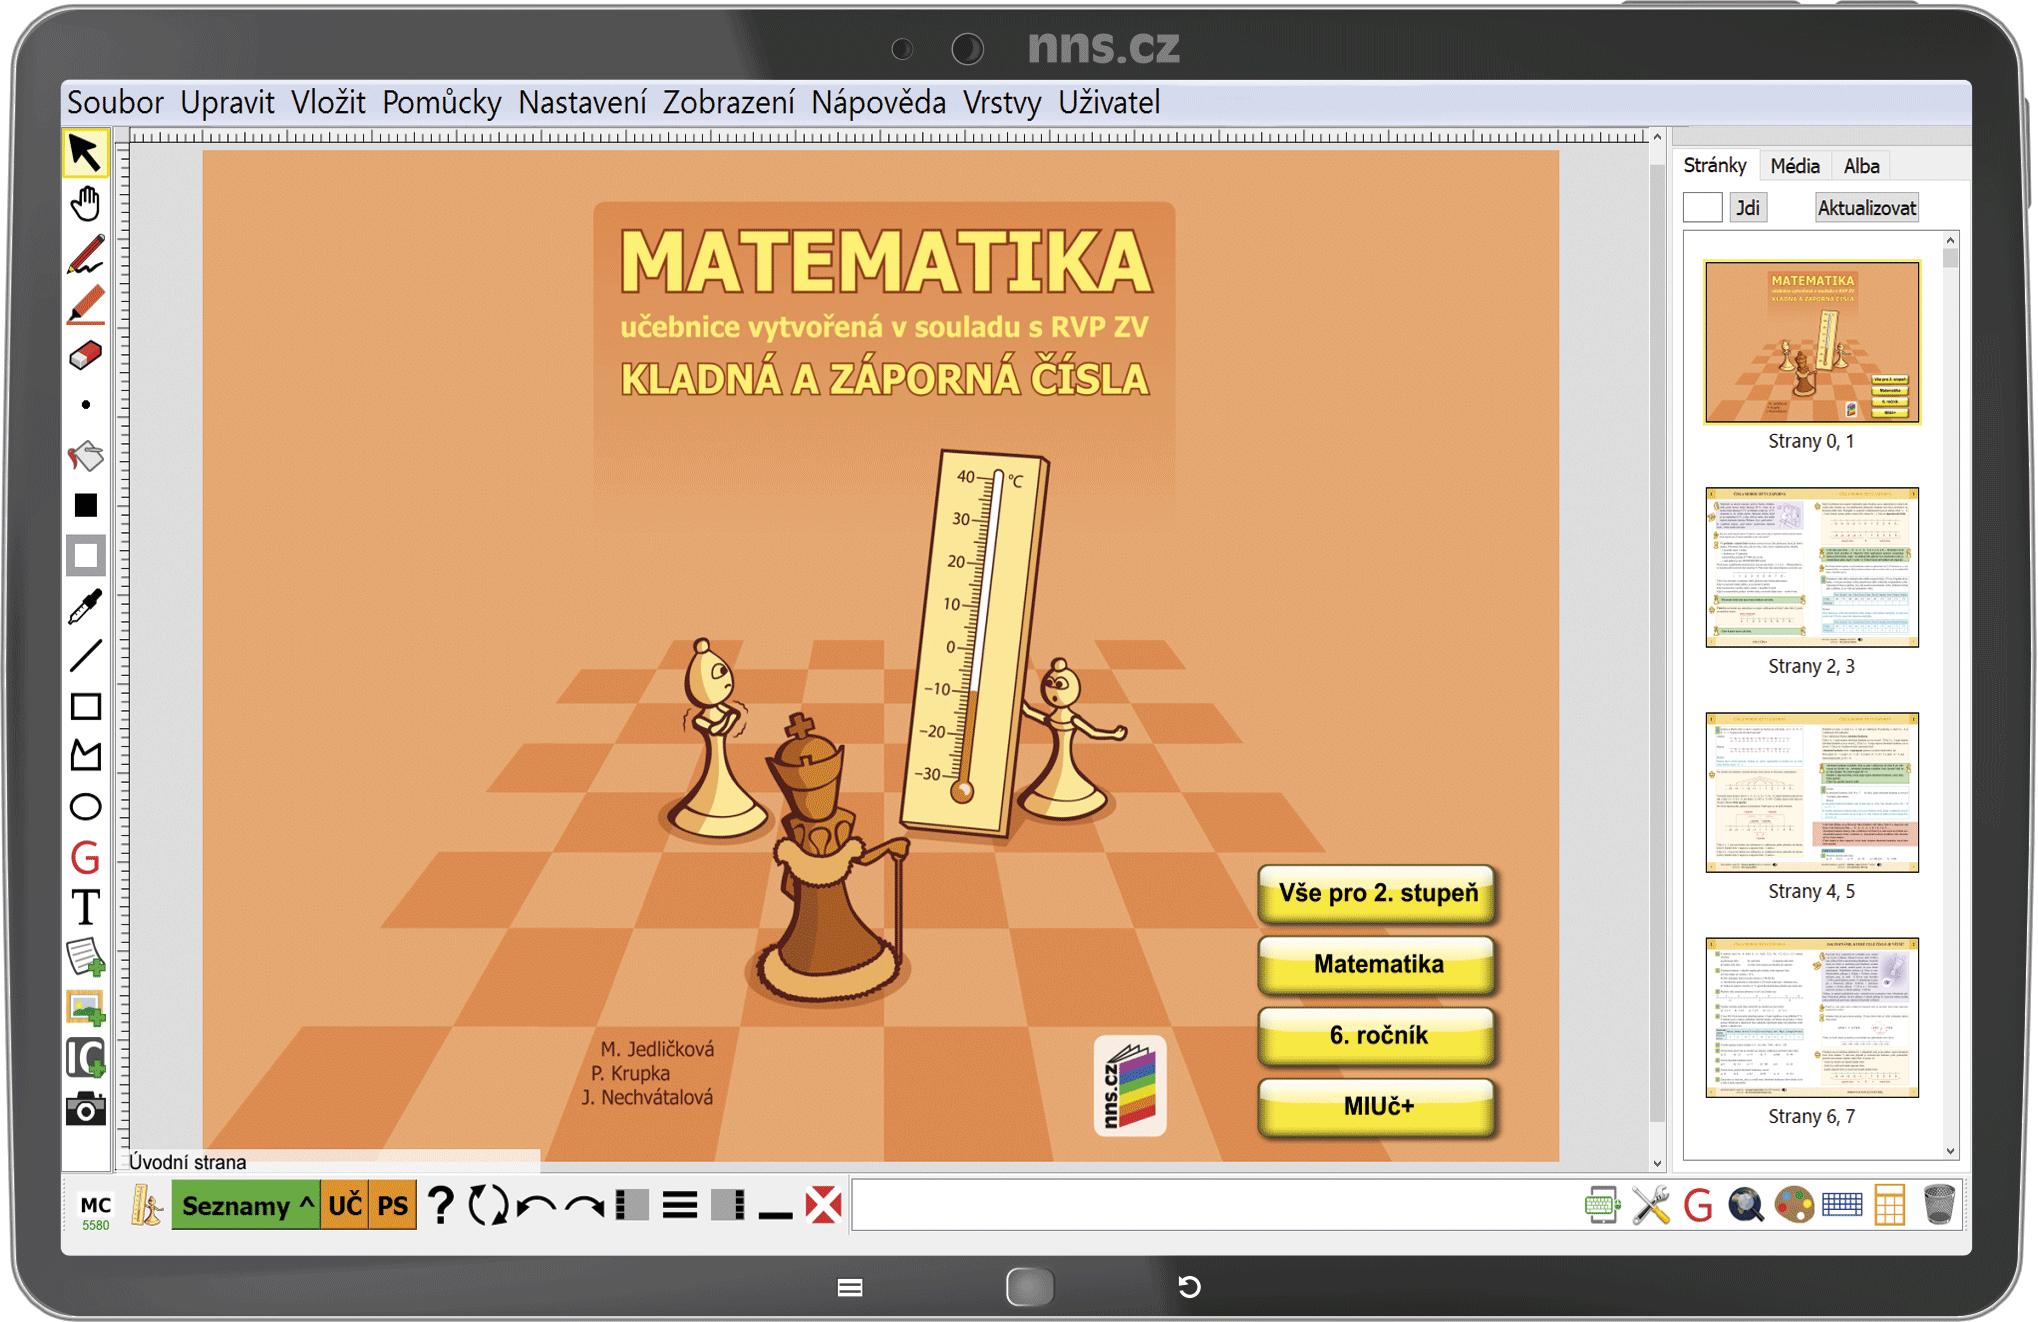 MIUč+ Matematika - Kladná a záporná čísla – školní licence pro 1 učitele na 1 školní rok